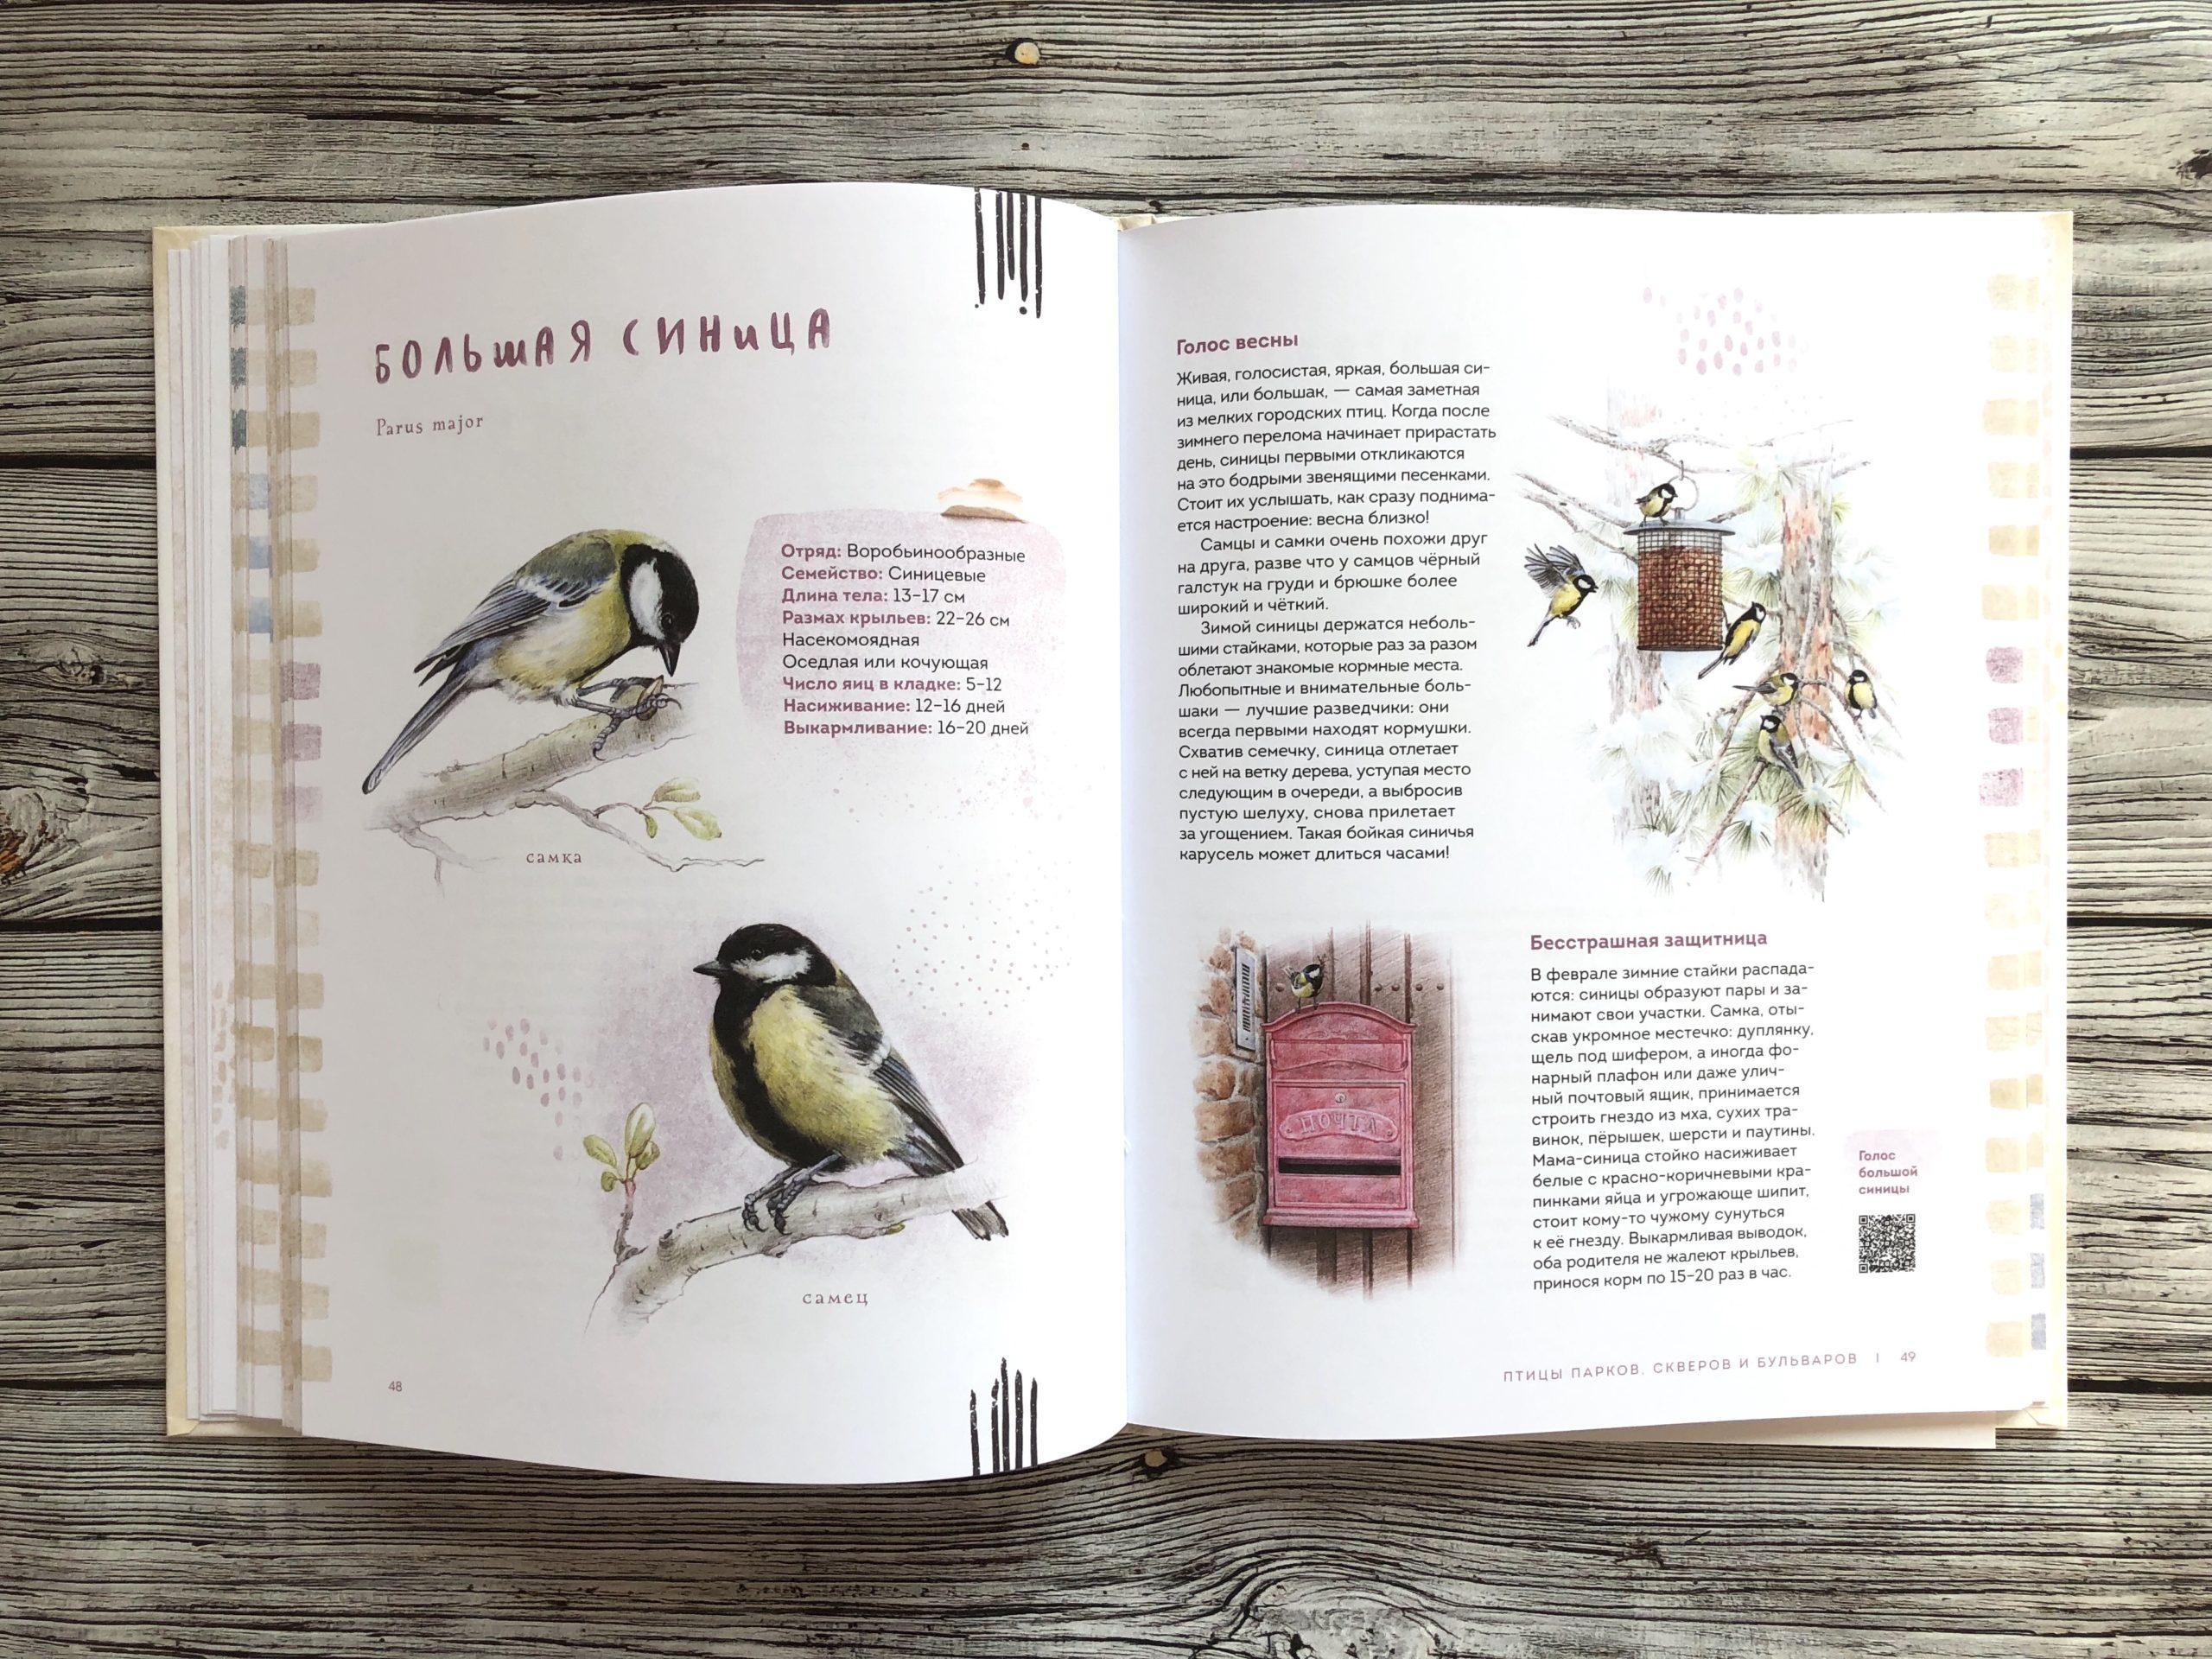 Очень красивая и полезная книга о птицах для детей - Птицы в городе 10